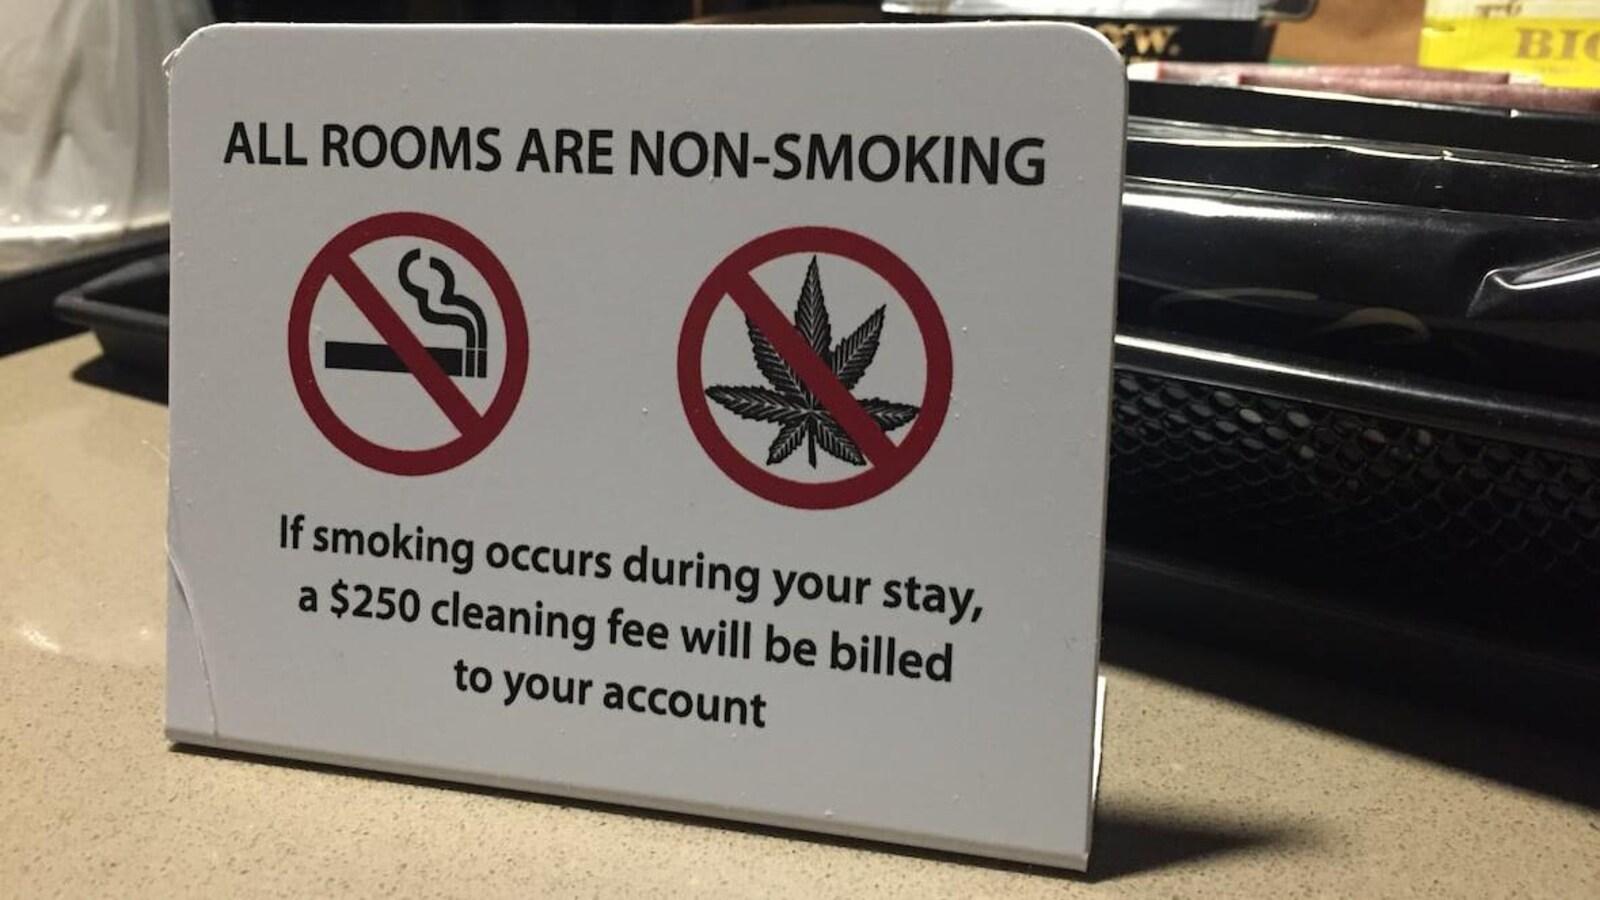 Une petite affiche indique que tout client qui fume du cannabis dans sa chambre devra payer 250 $ en frais de nettoyage.